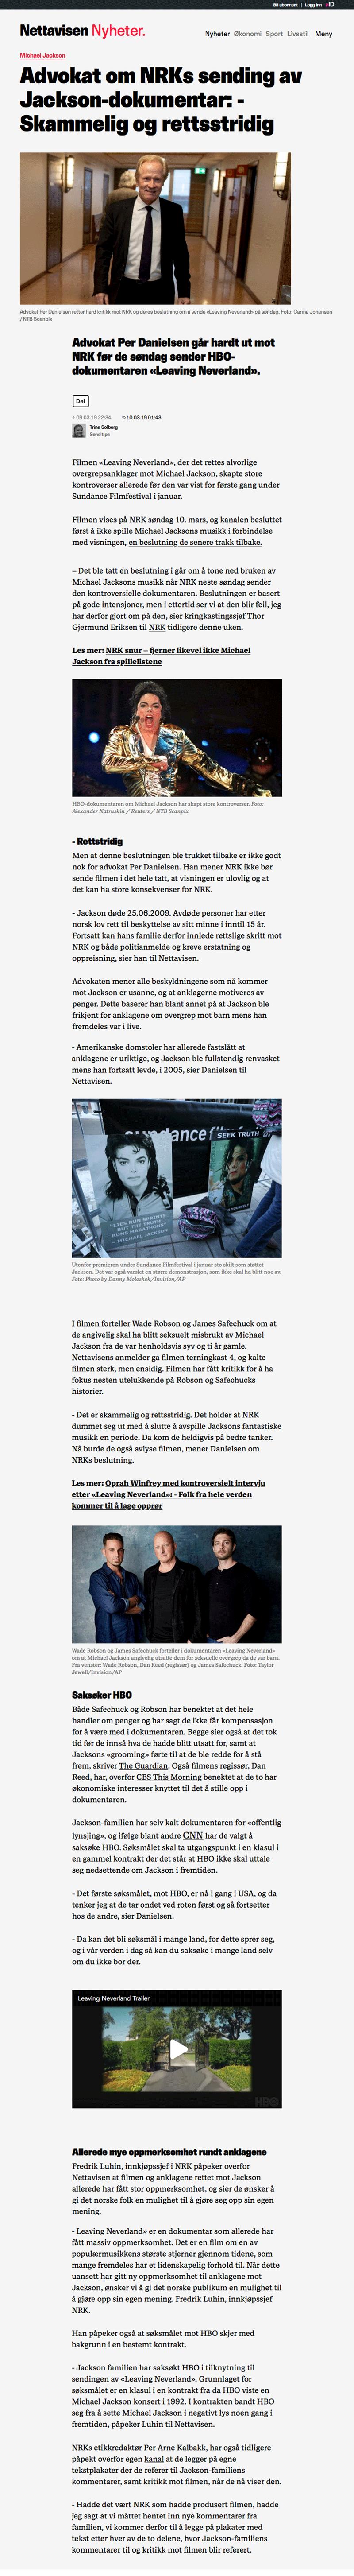 Danielsen kritiserer NRK før Michael Jackson dokumentar. Alminnelig praksis. Advokat Danielsen & Co. Per Danielsen. Advokat i Oslo.